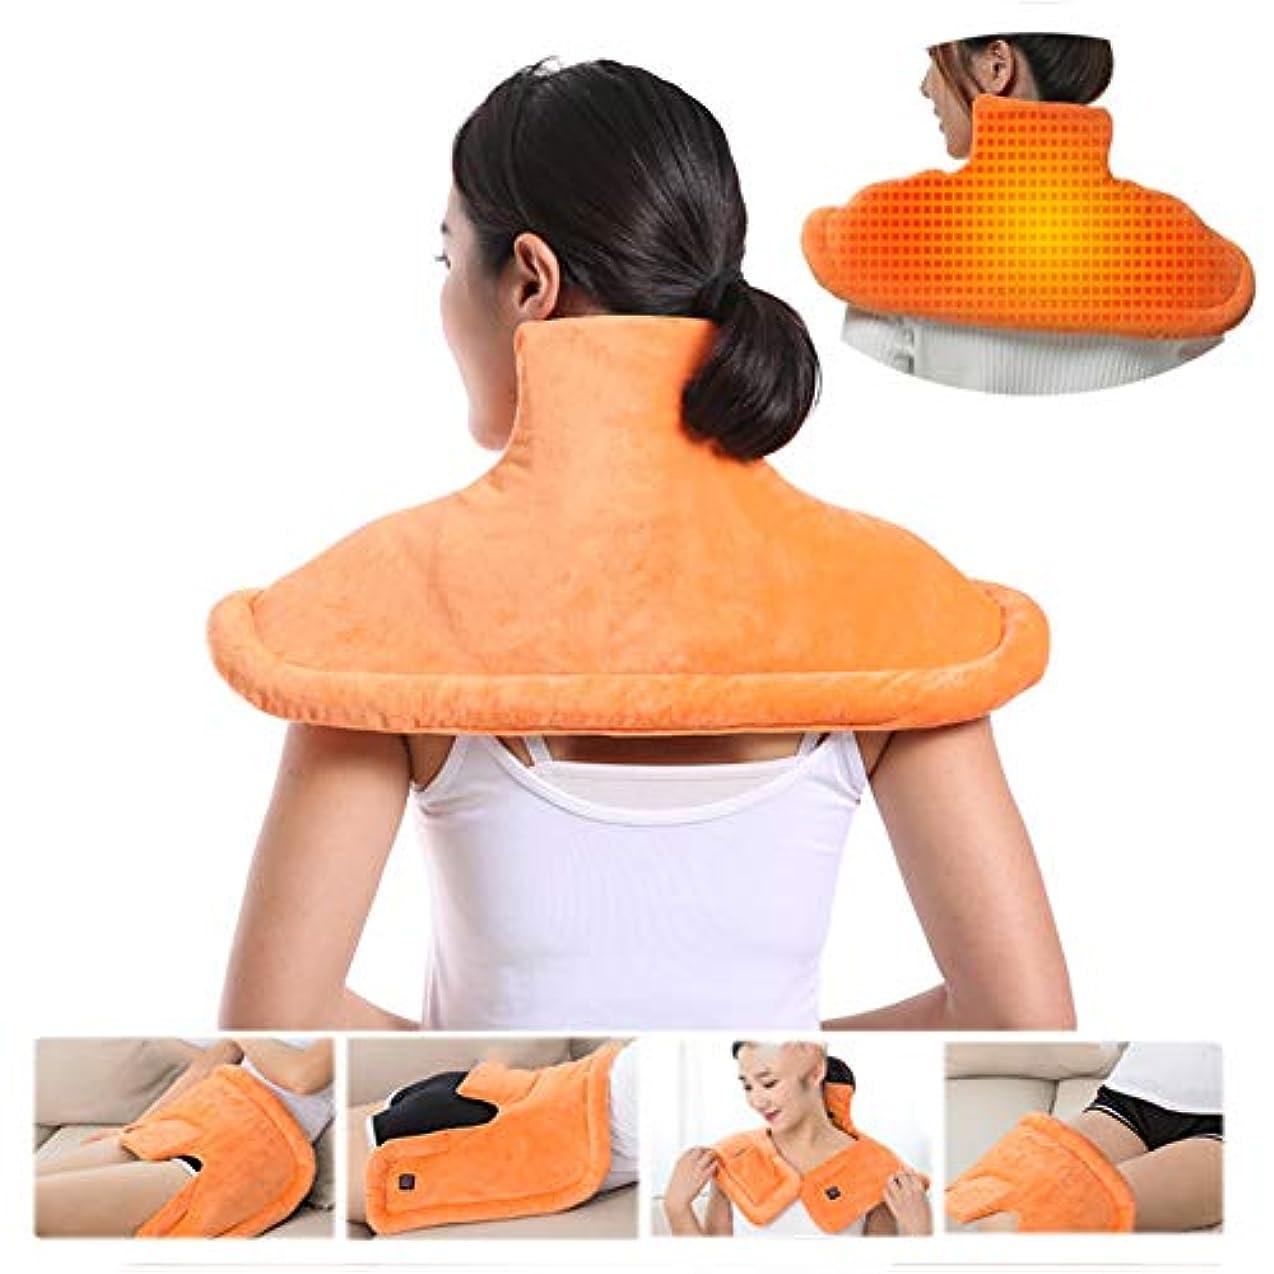 スマート発明大聖堂首の肩の背部暖房パッド、マッサージのヒートラップの熱くするショールの減圧のための調節可能な強度フルボディマッサージ首の肩暖房湿った熱療法のパッド